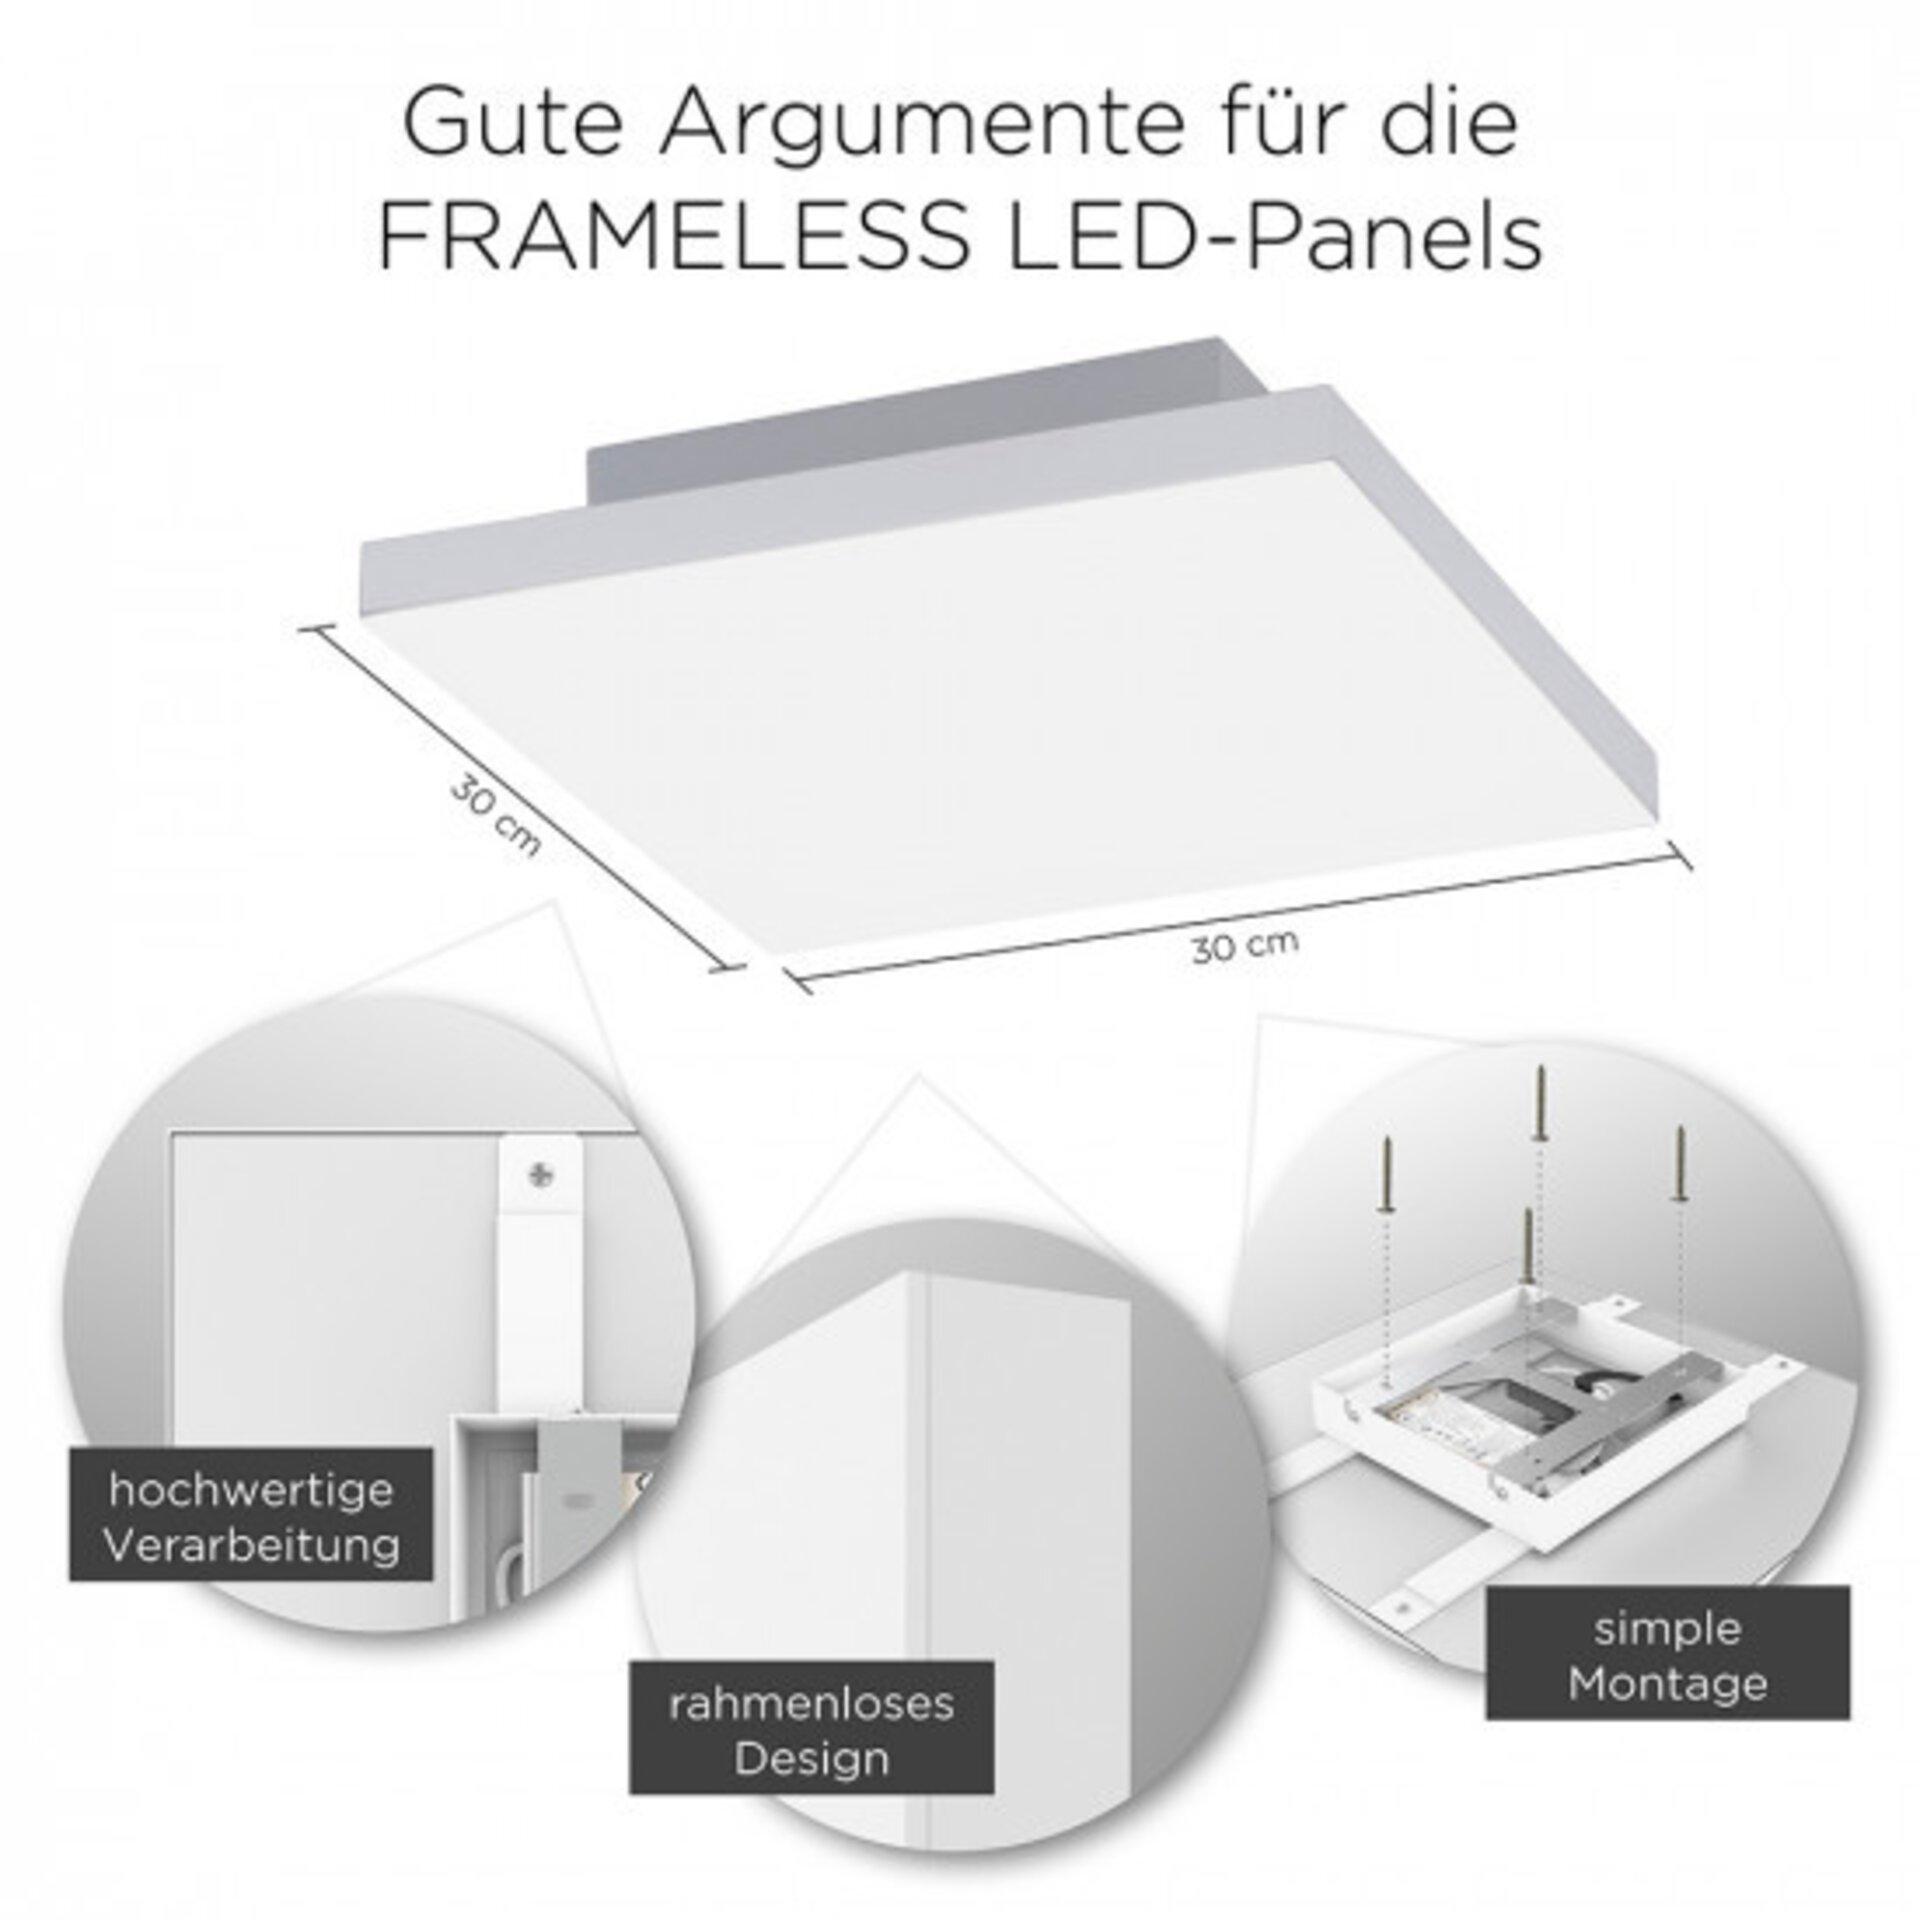 Deckenleuchte FRAMELESS Paul Neuhaus Metall weiß 30 x 7 x 30 cm